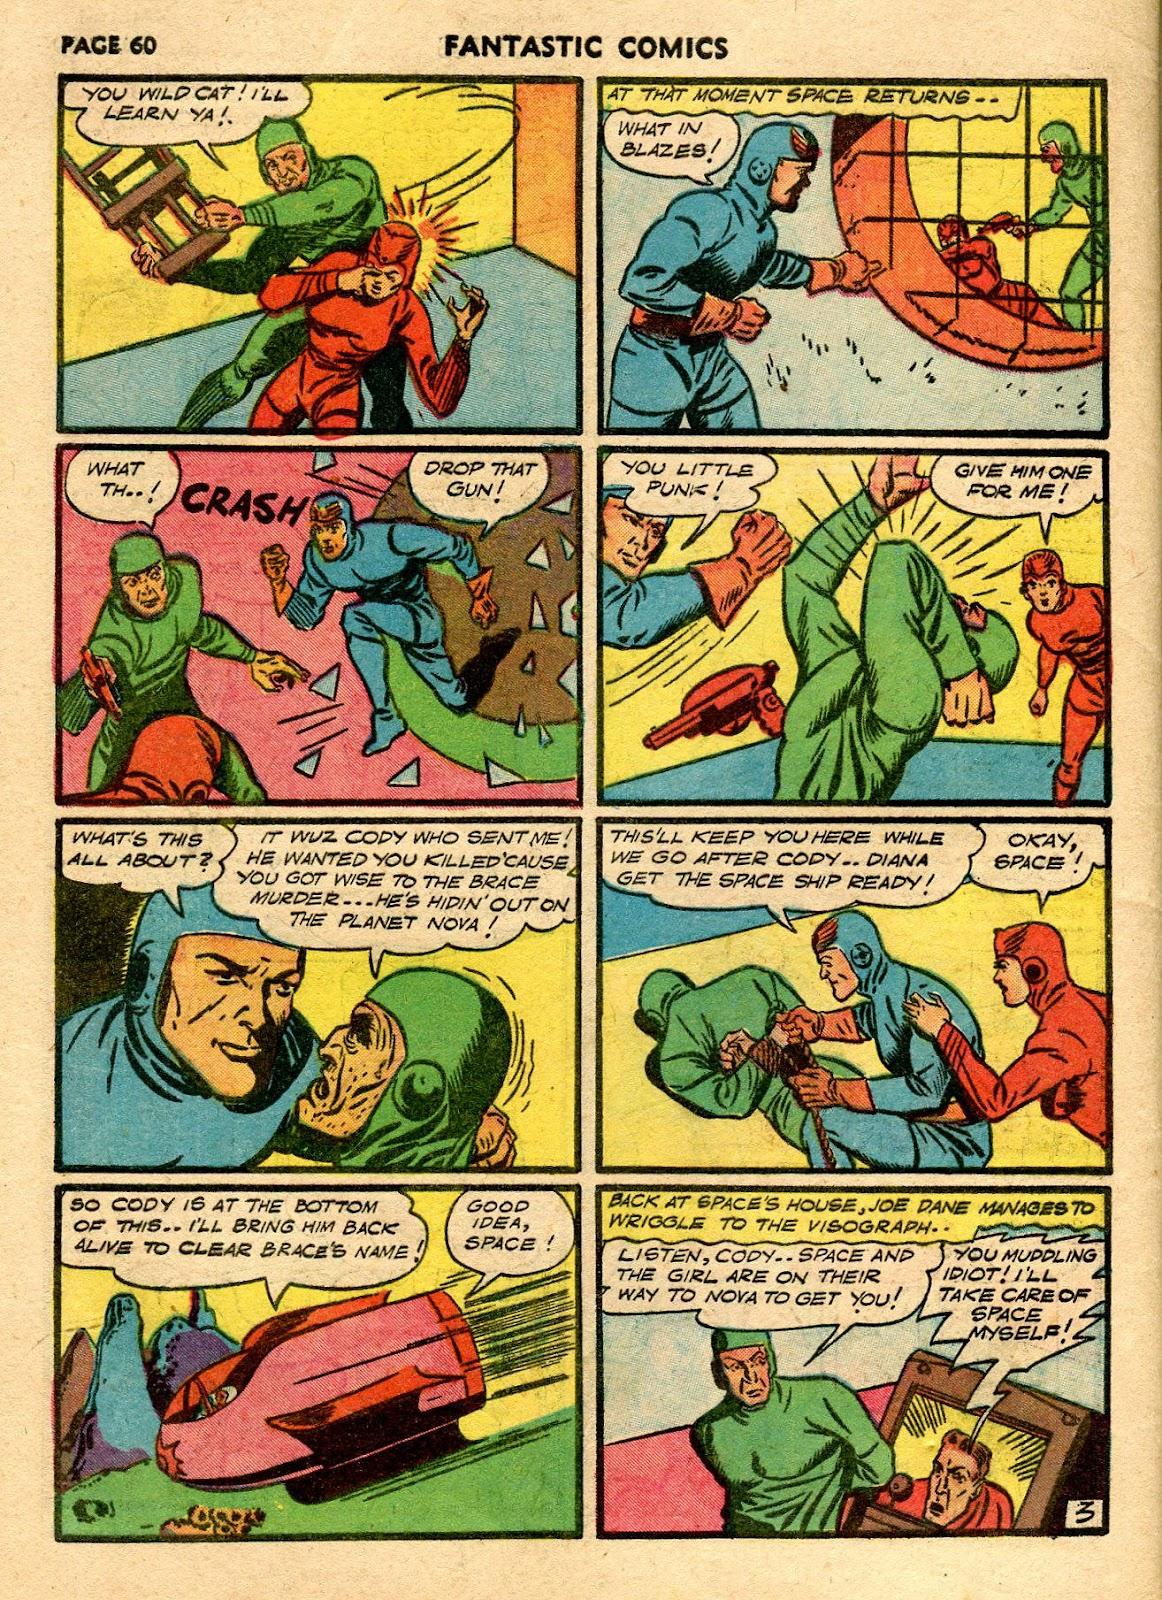 Read online Fantastic Comics comic -  Issue #21 - 58